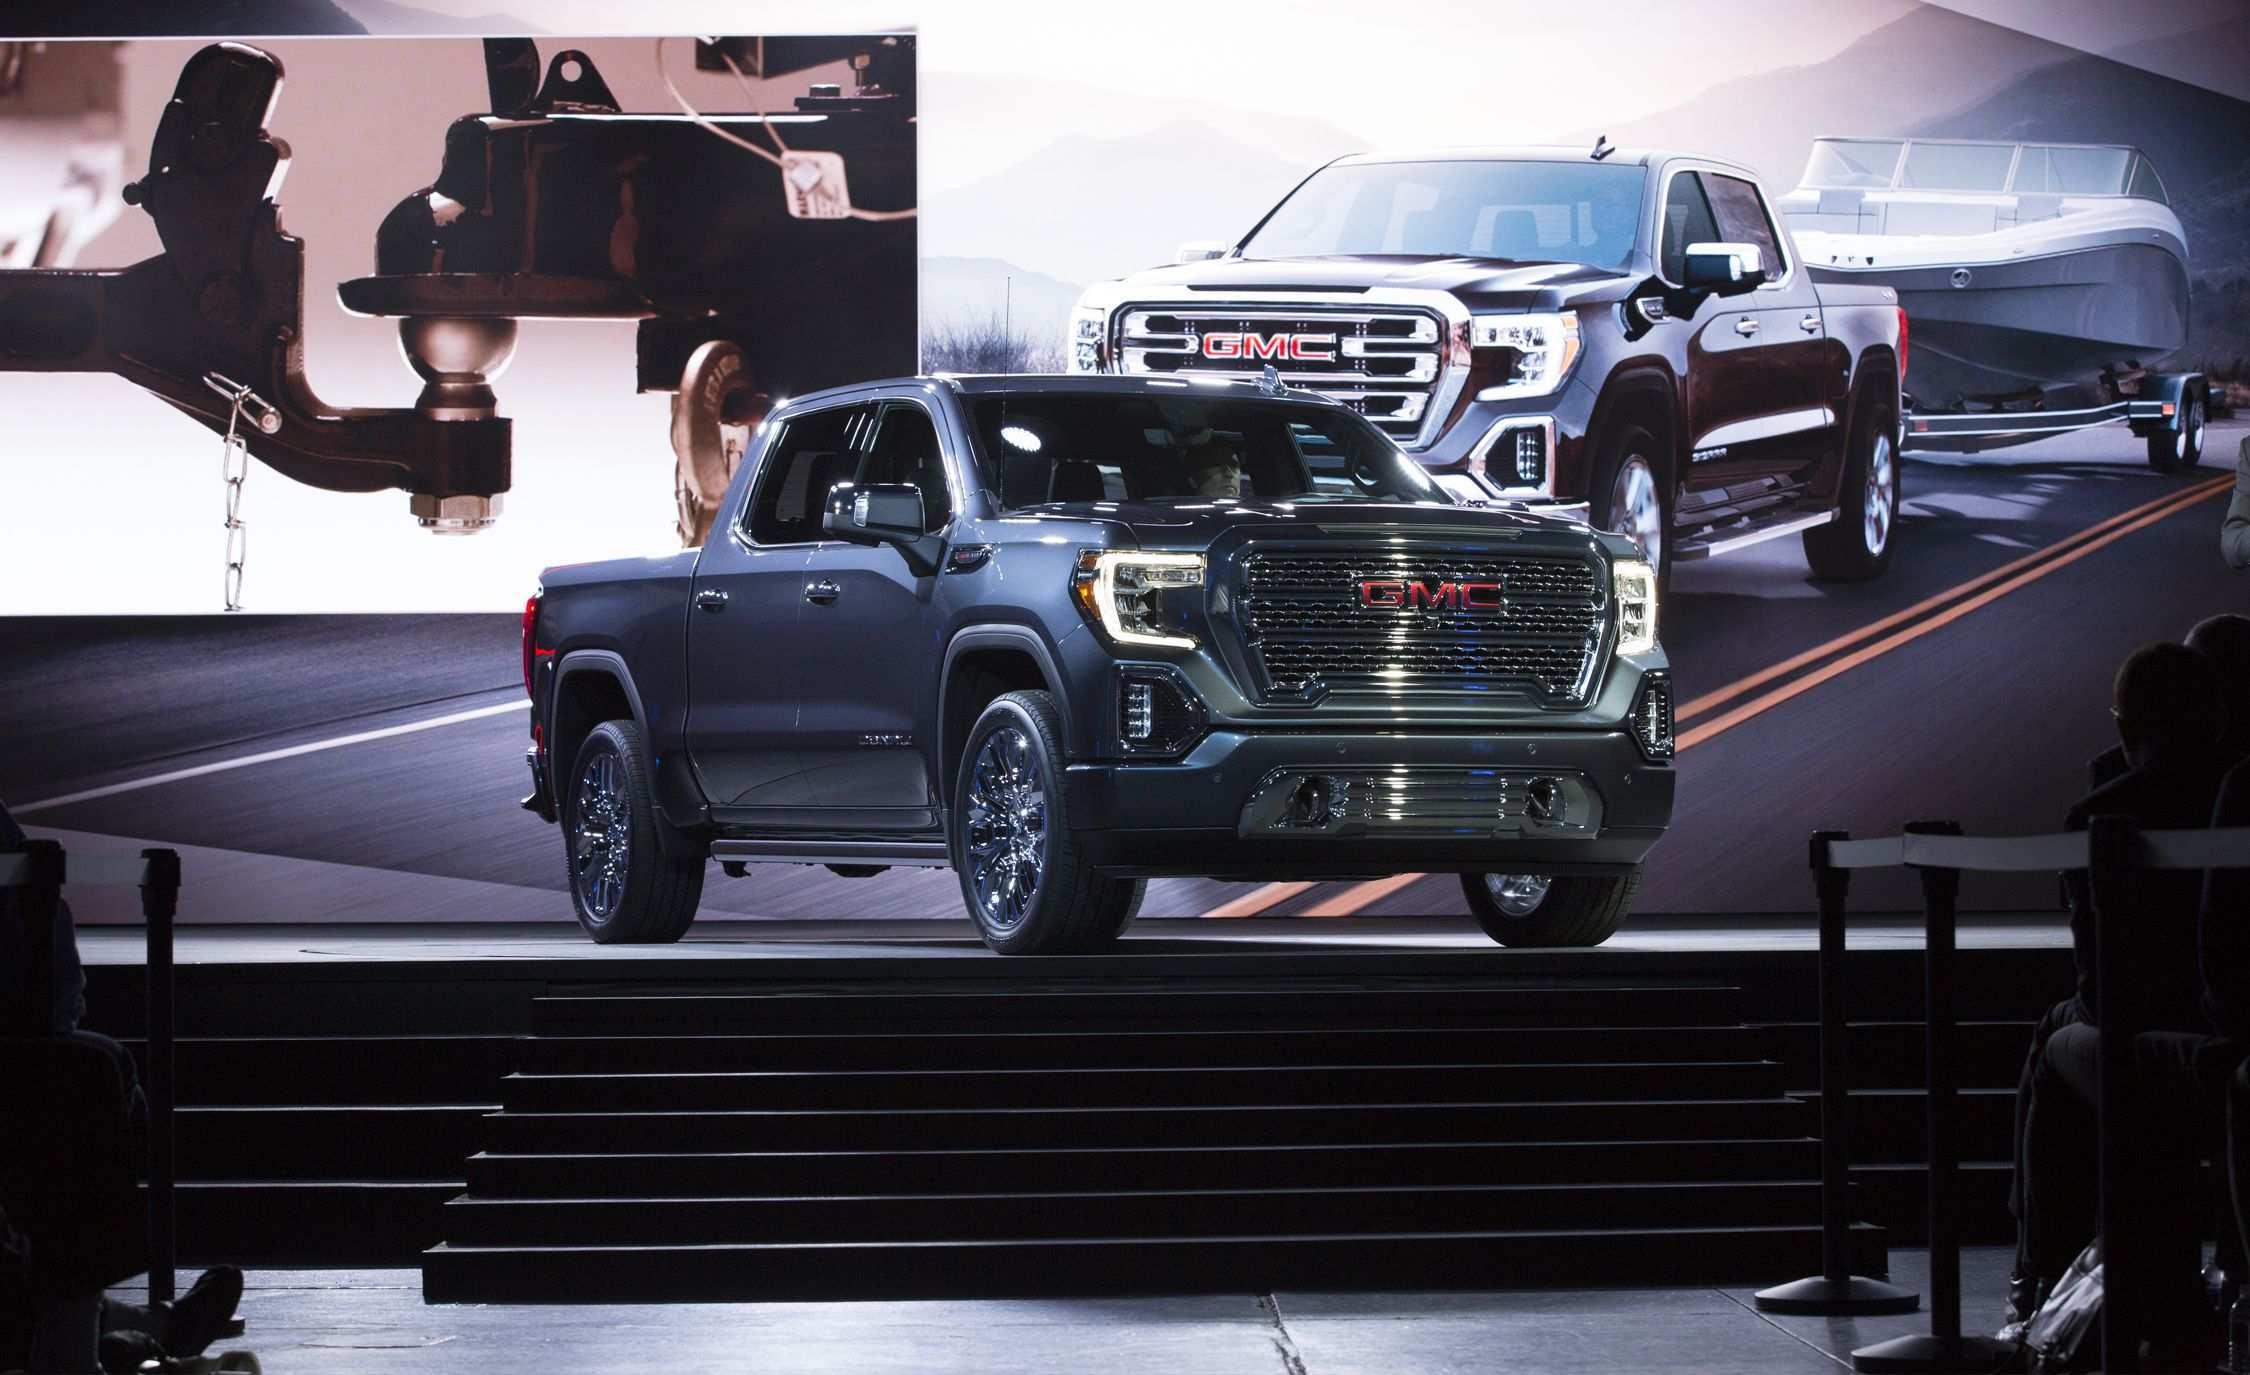 30 New 2019 Gmc Inline 6 Diesel Concept for 2019 Gmc Inline 6 Diesel